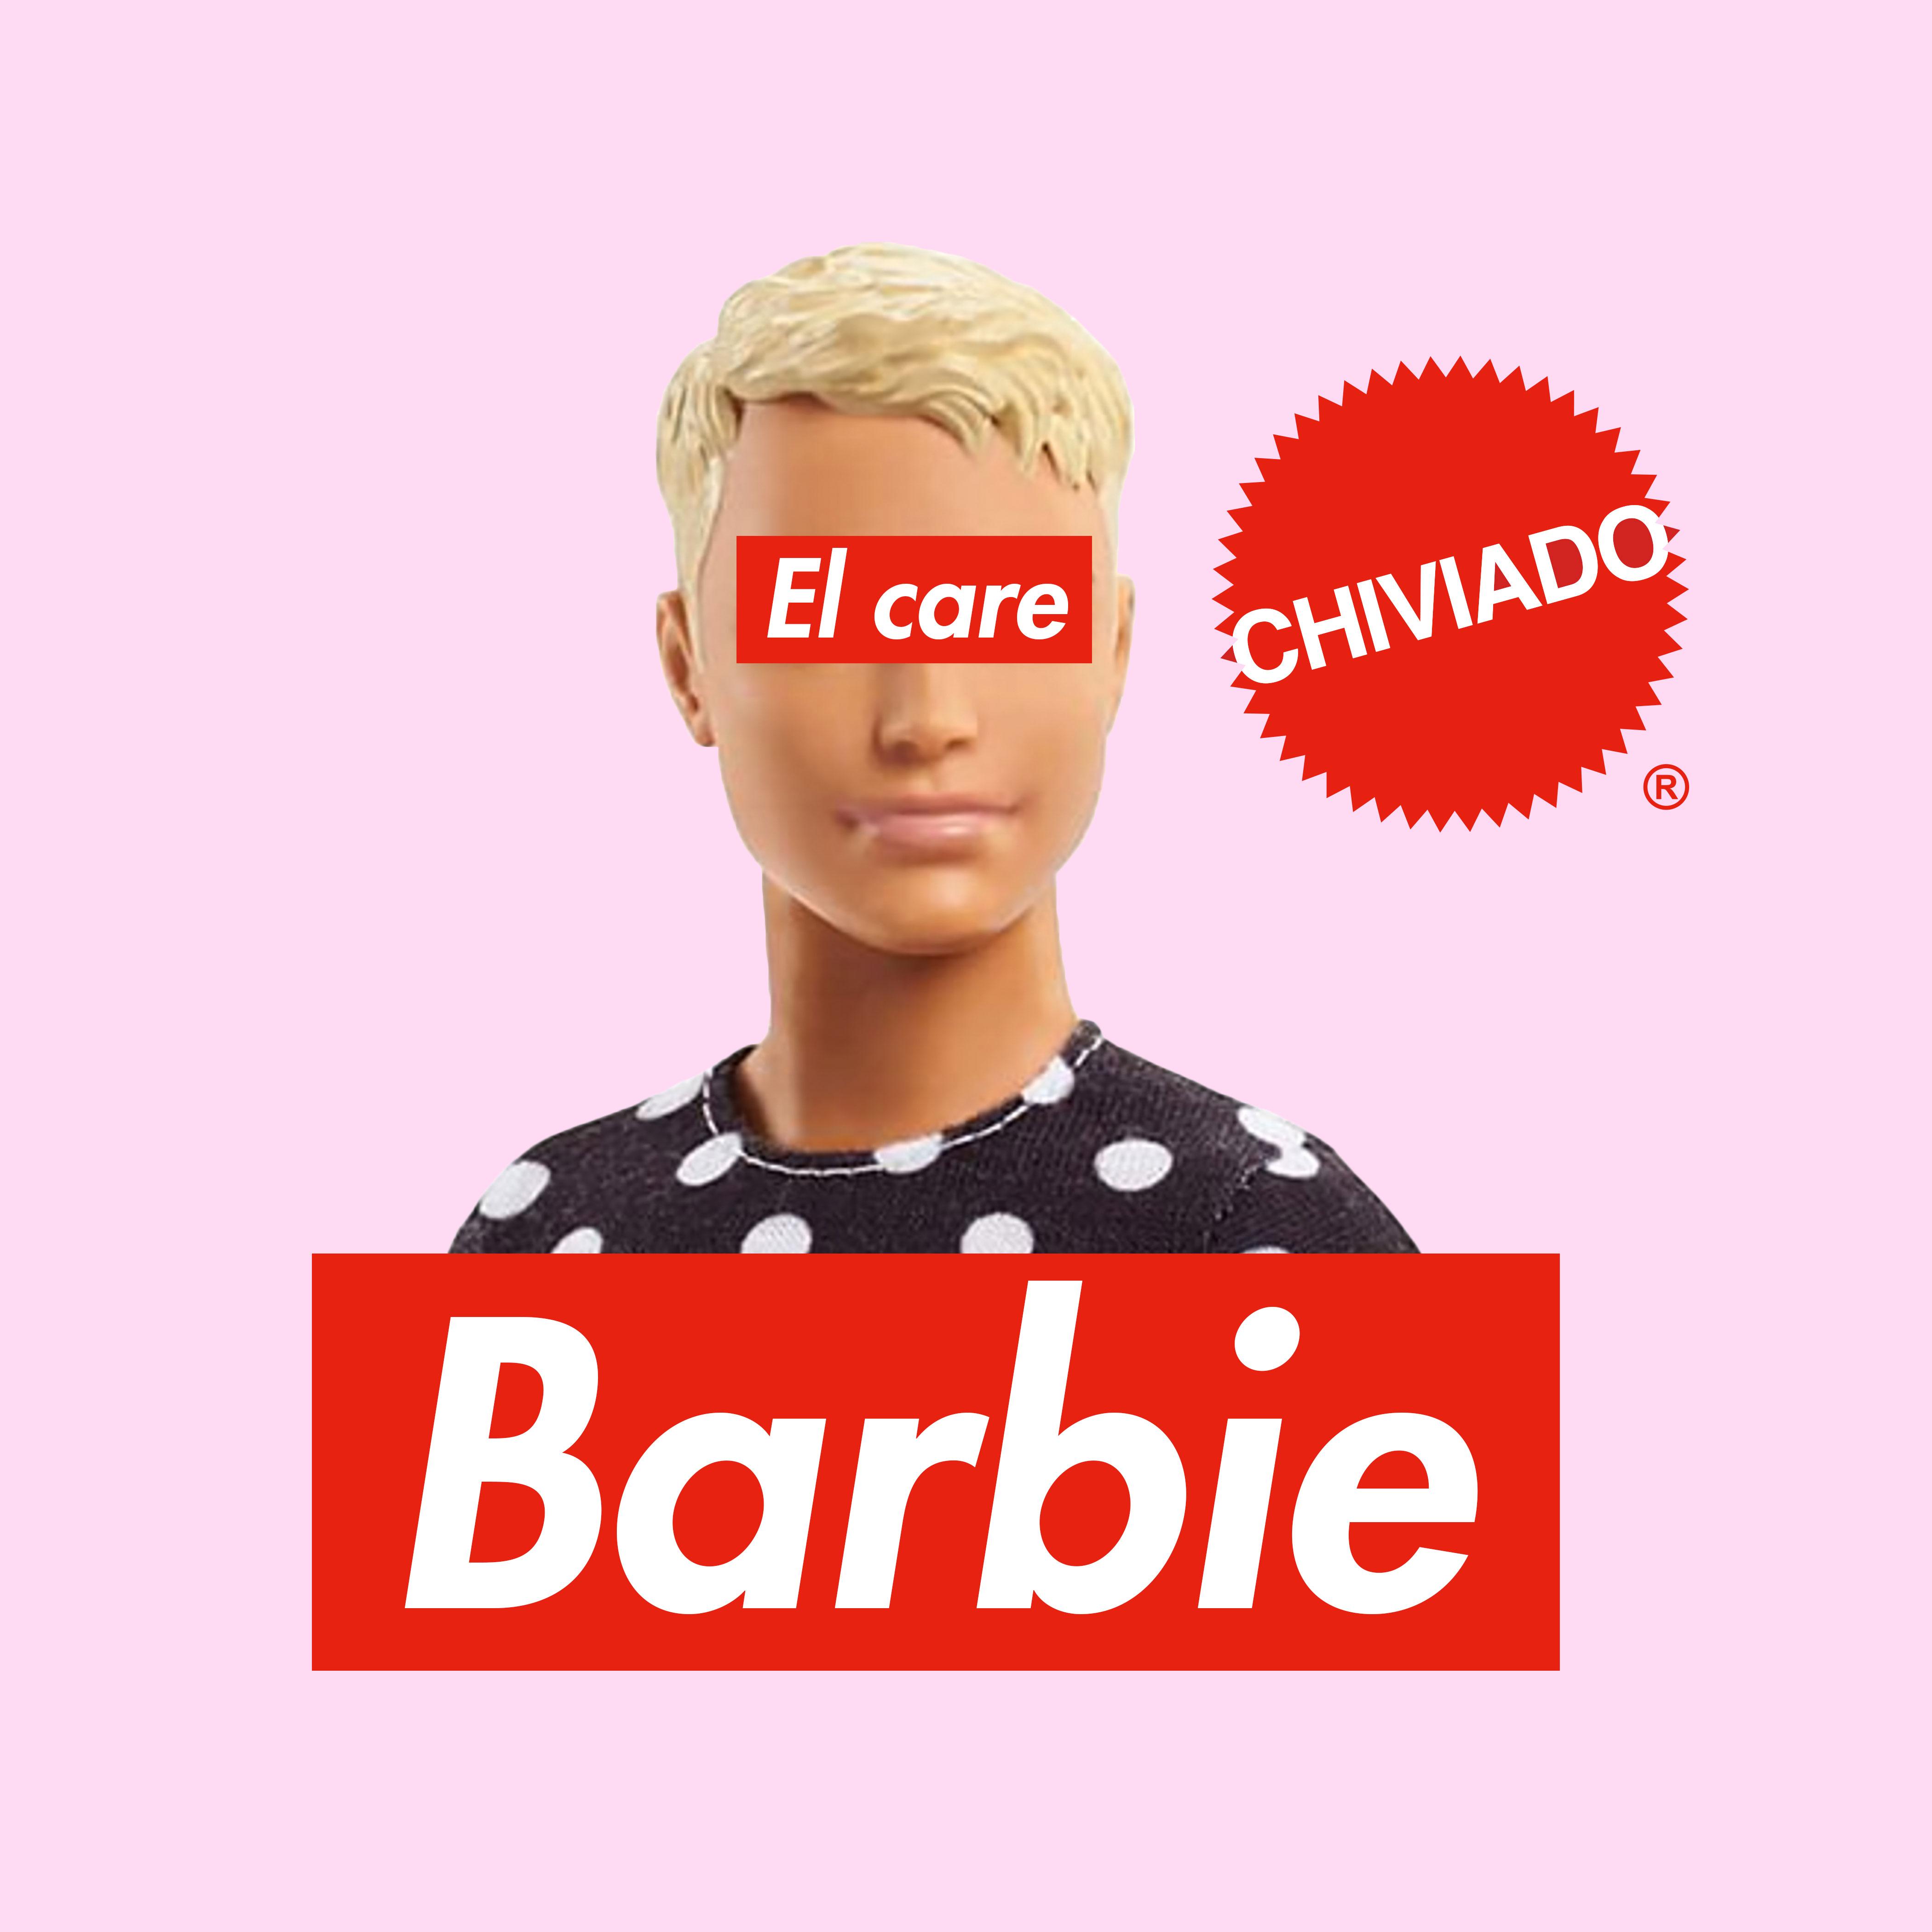 el-care-barbie1.jpg